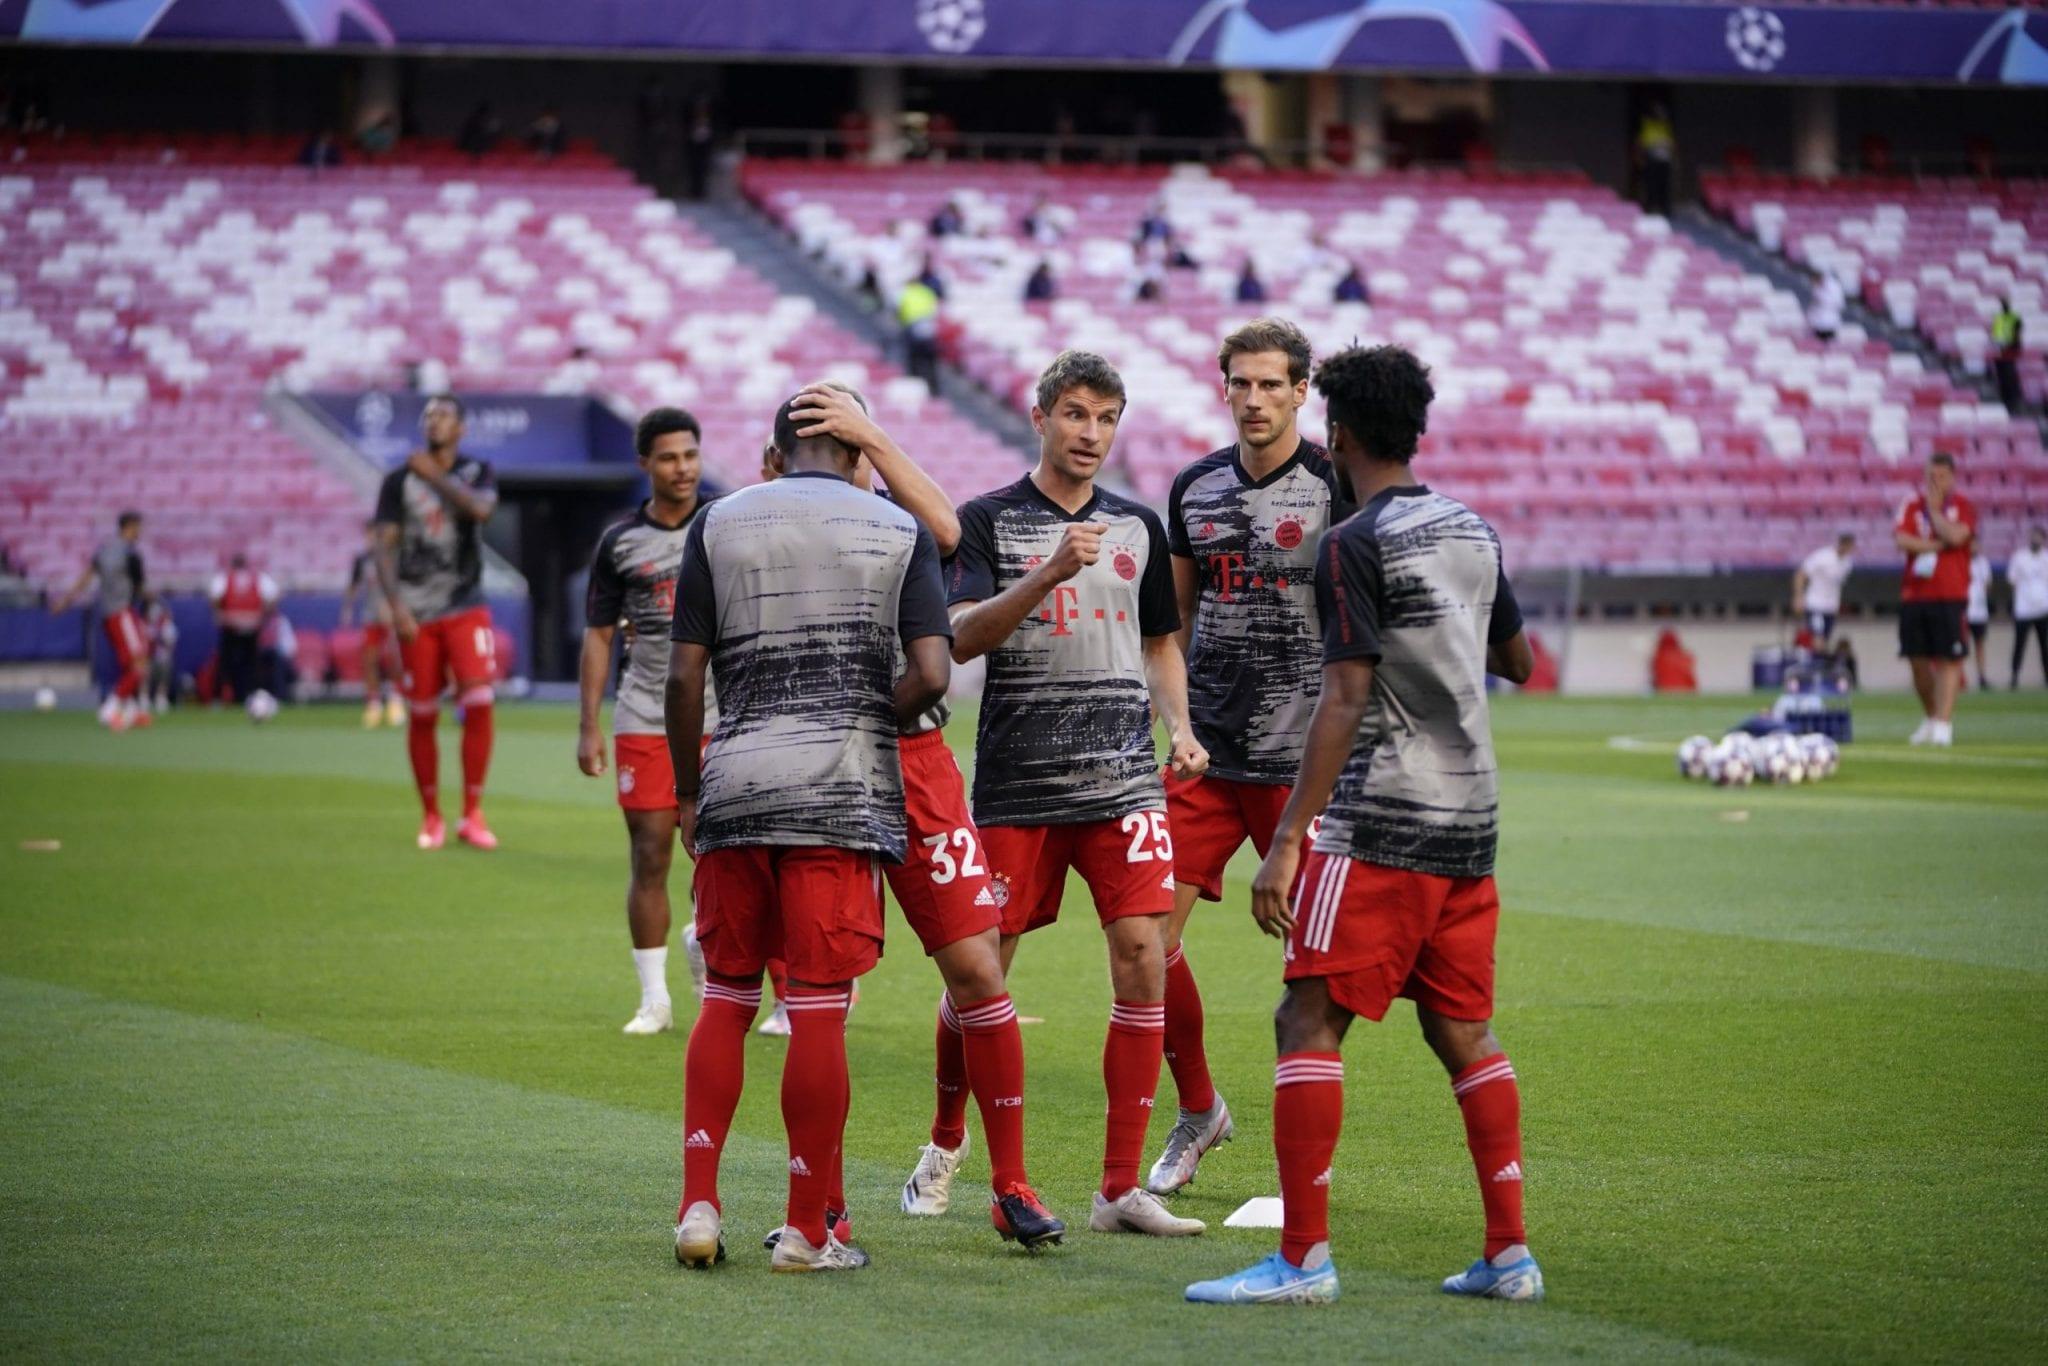 Live 23 agosto 2020: il giorno della finale di Champions League con Paris Saint-Germain vs Bayern Monaco. In prime time su Canale5 e Sky Sport